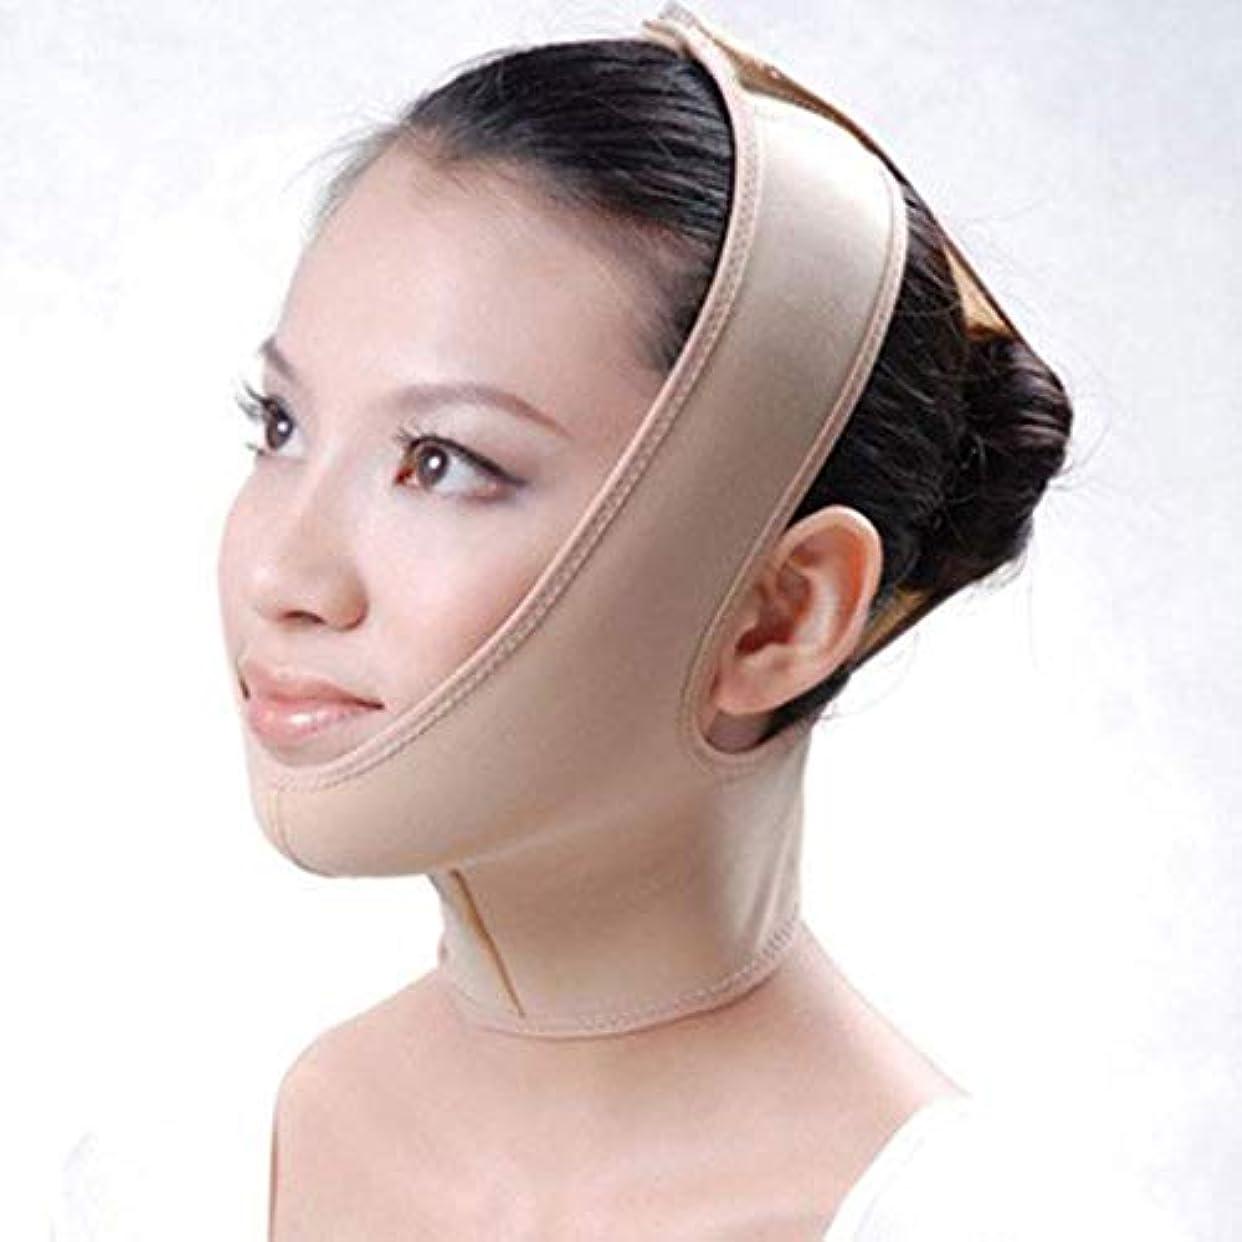 証人先祖愛情フェイスリフティングマスク、リフティングフェイス付きVフェイス、ラインリフティング包帯、ほっそりスリム、痩身のあごのマスク/あごの通気性のあご (XL)